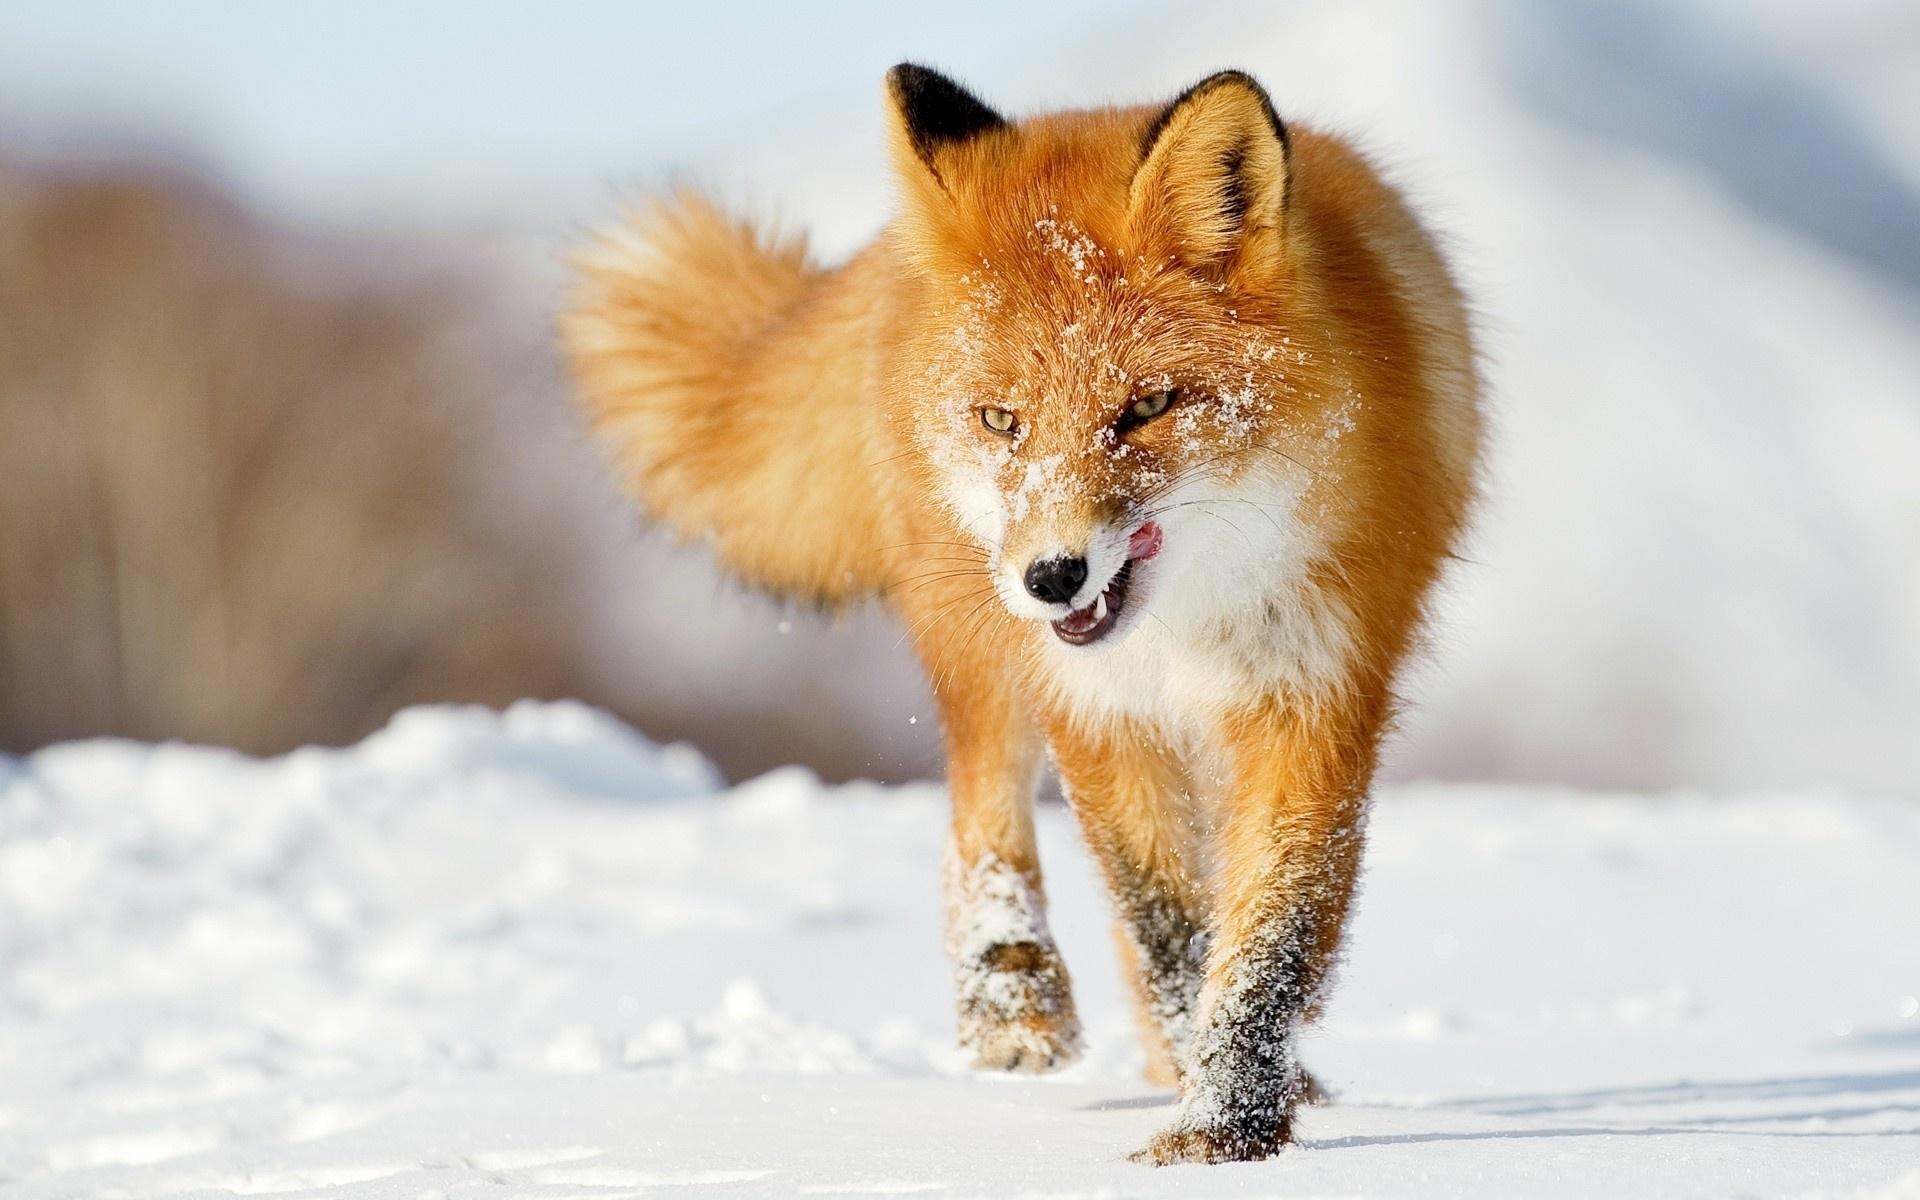 fox wallpapers for deskto